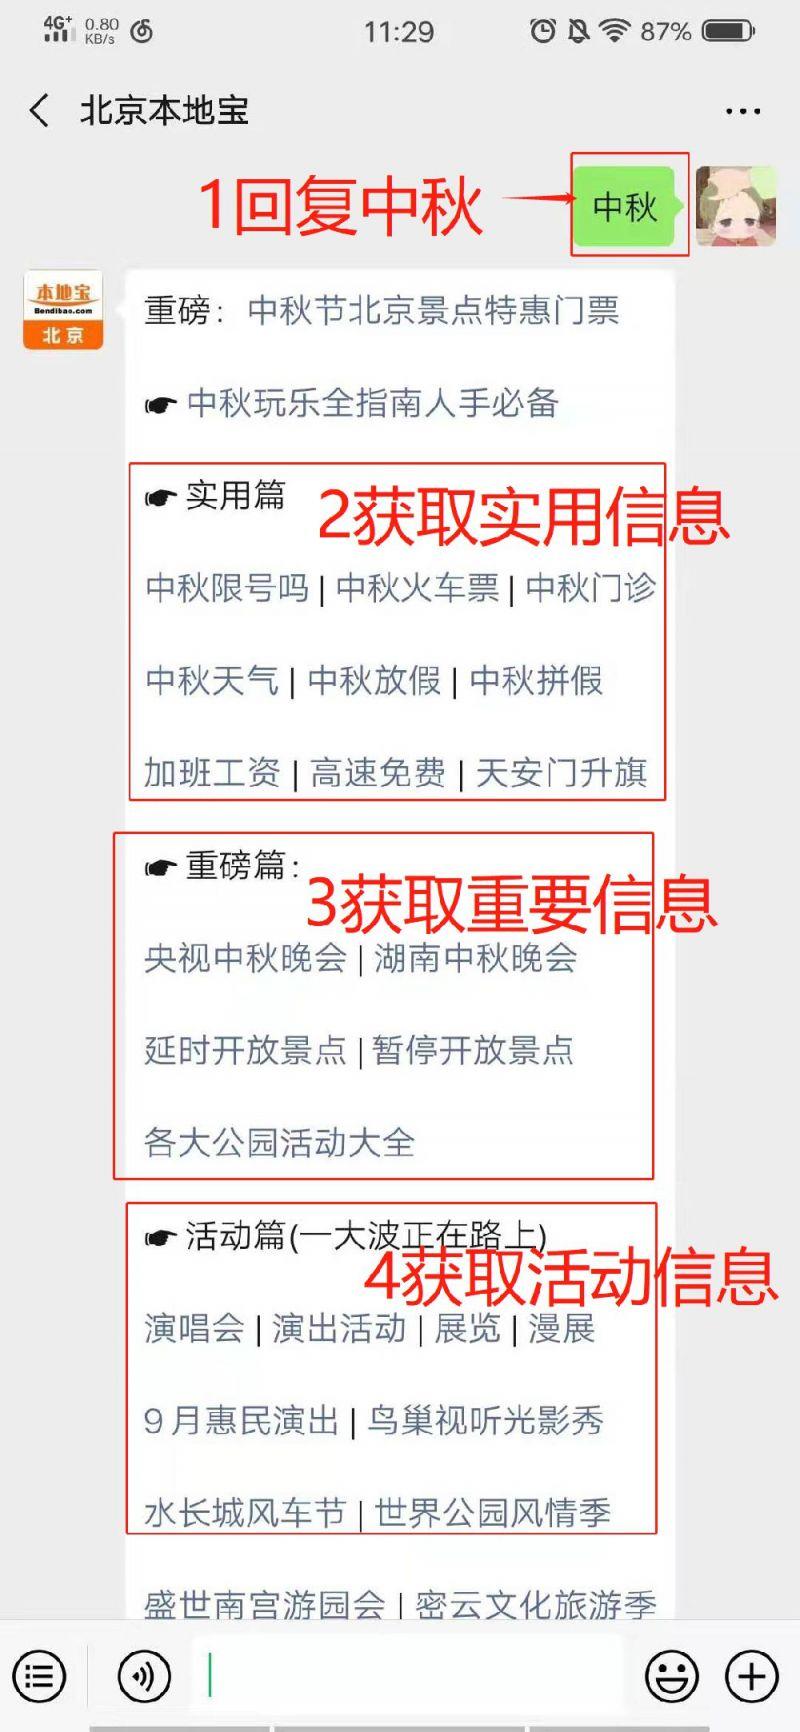 2019中秋全国天气预报:大部天气宜出行 四川陕西等地需防雨